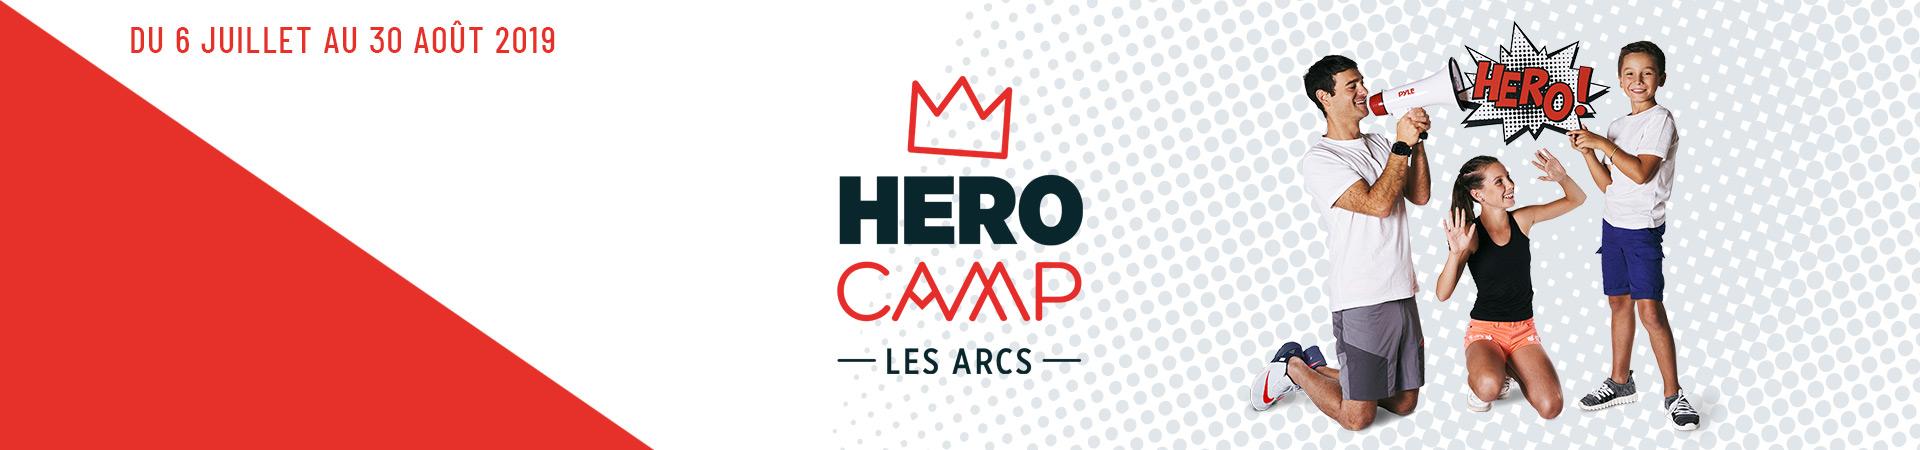 hero-camp_02.jpg